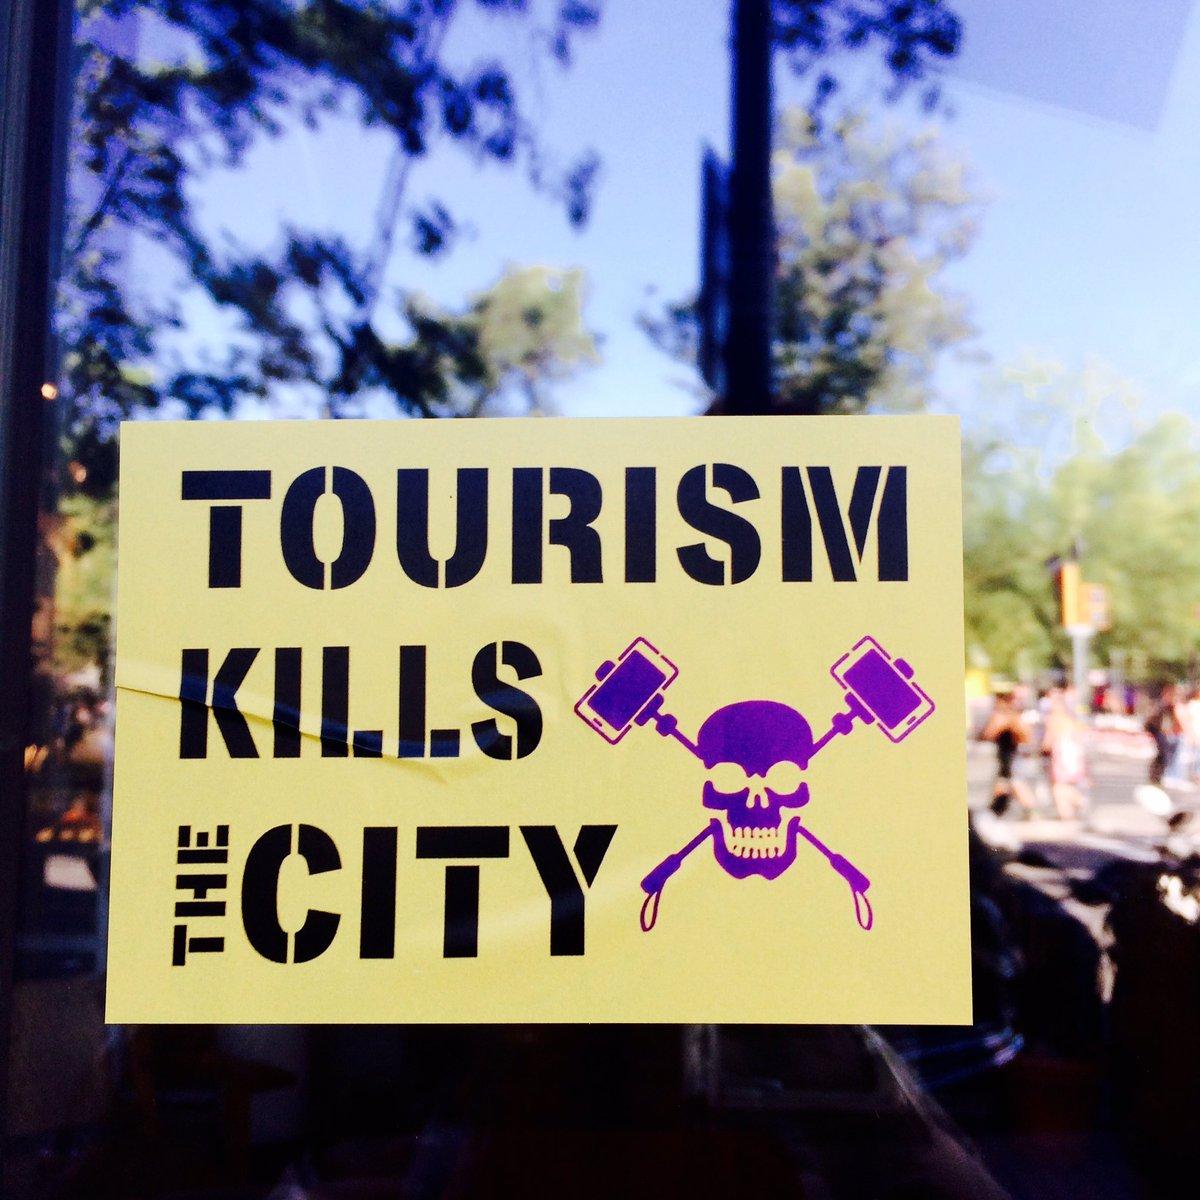 De la gentrificación a la turismofobia.